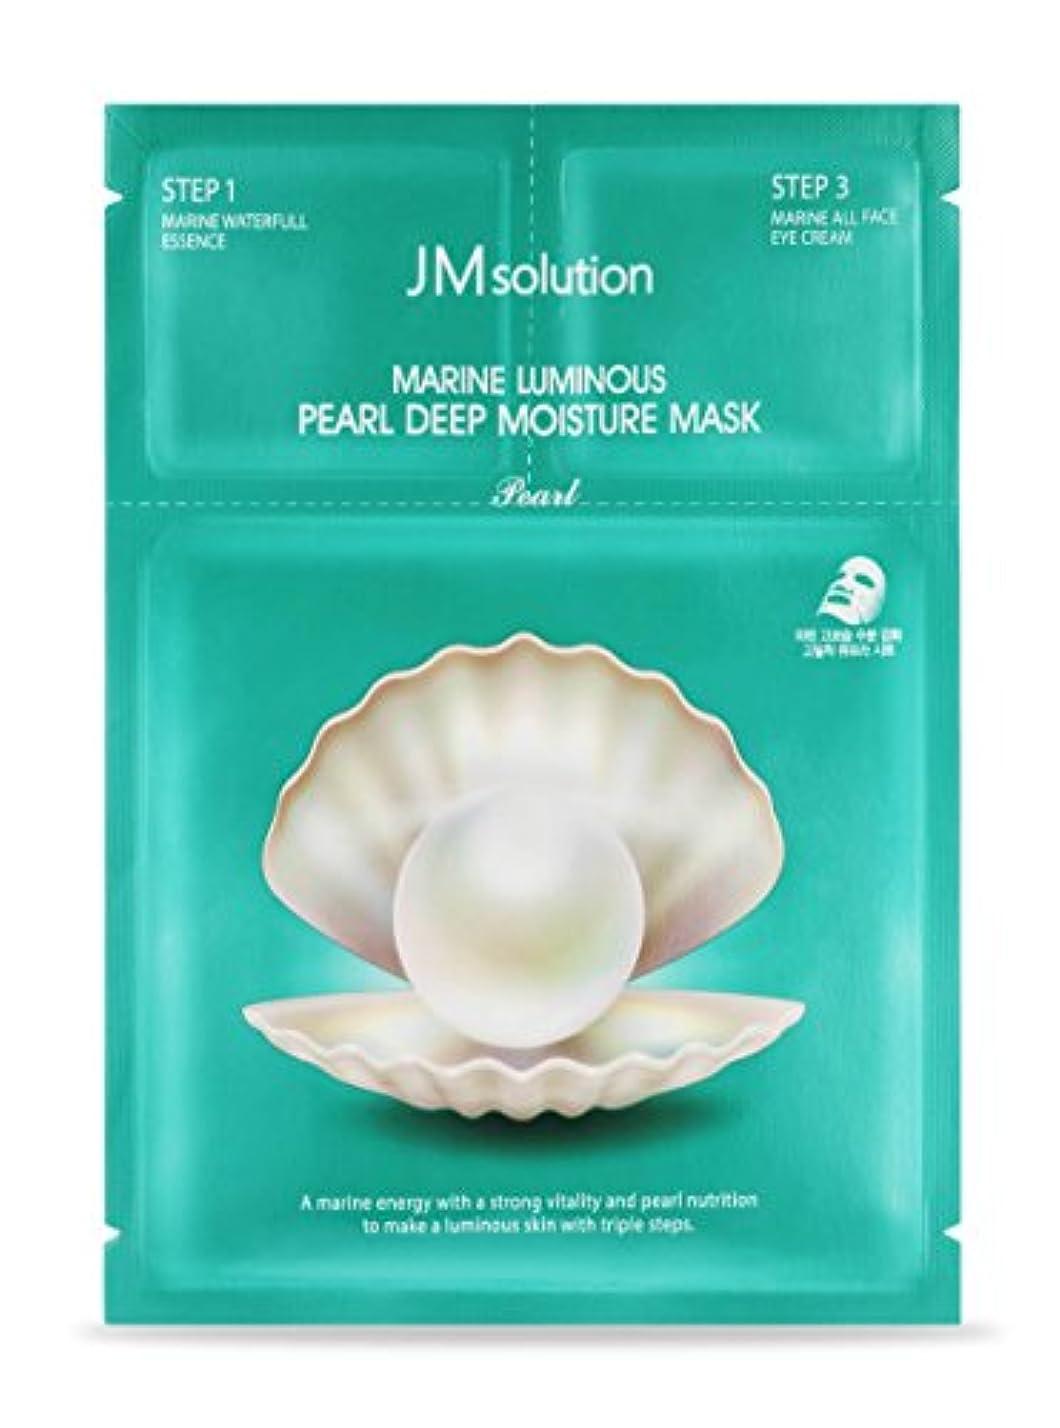 建設歩く書士JMsolution(JMソルーション) マリンルミナスパールディープモイスチャマスク10枚セット